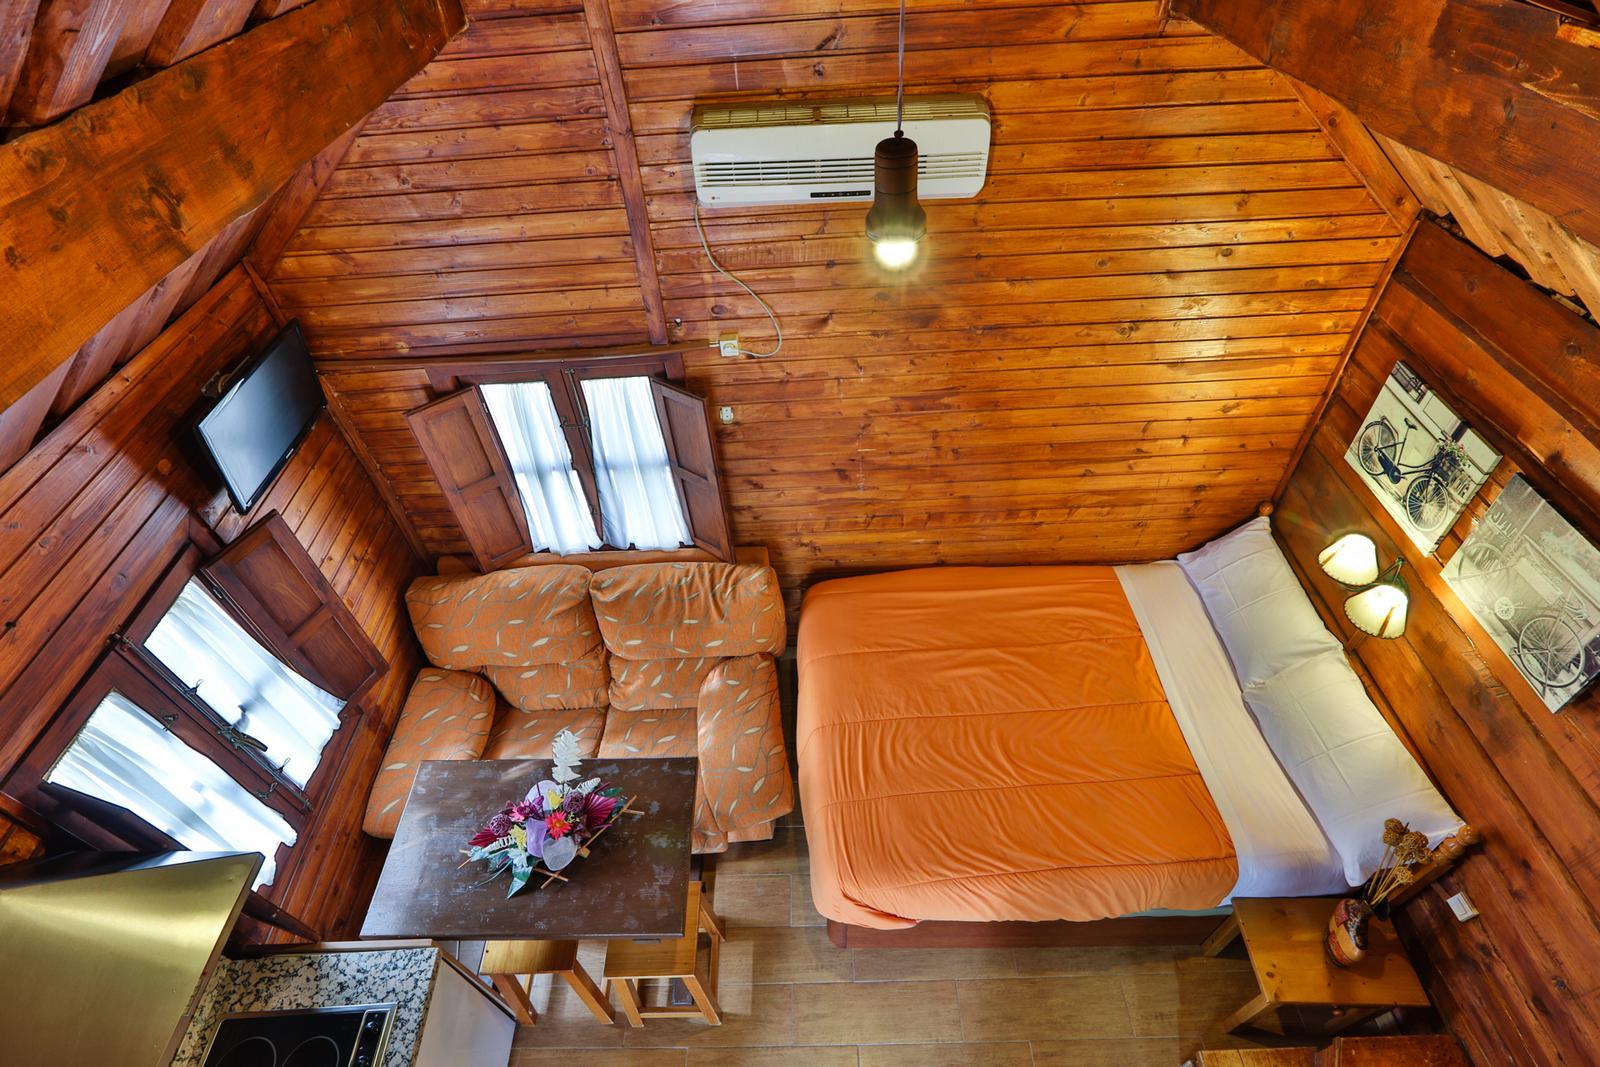 Caba as en cazorla hotel apartamentos y caba as de - Fotos de bungalows de madera ...